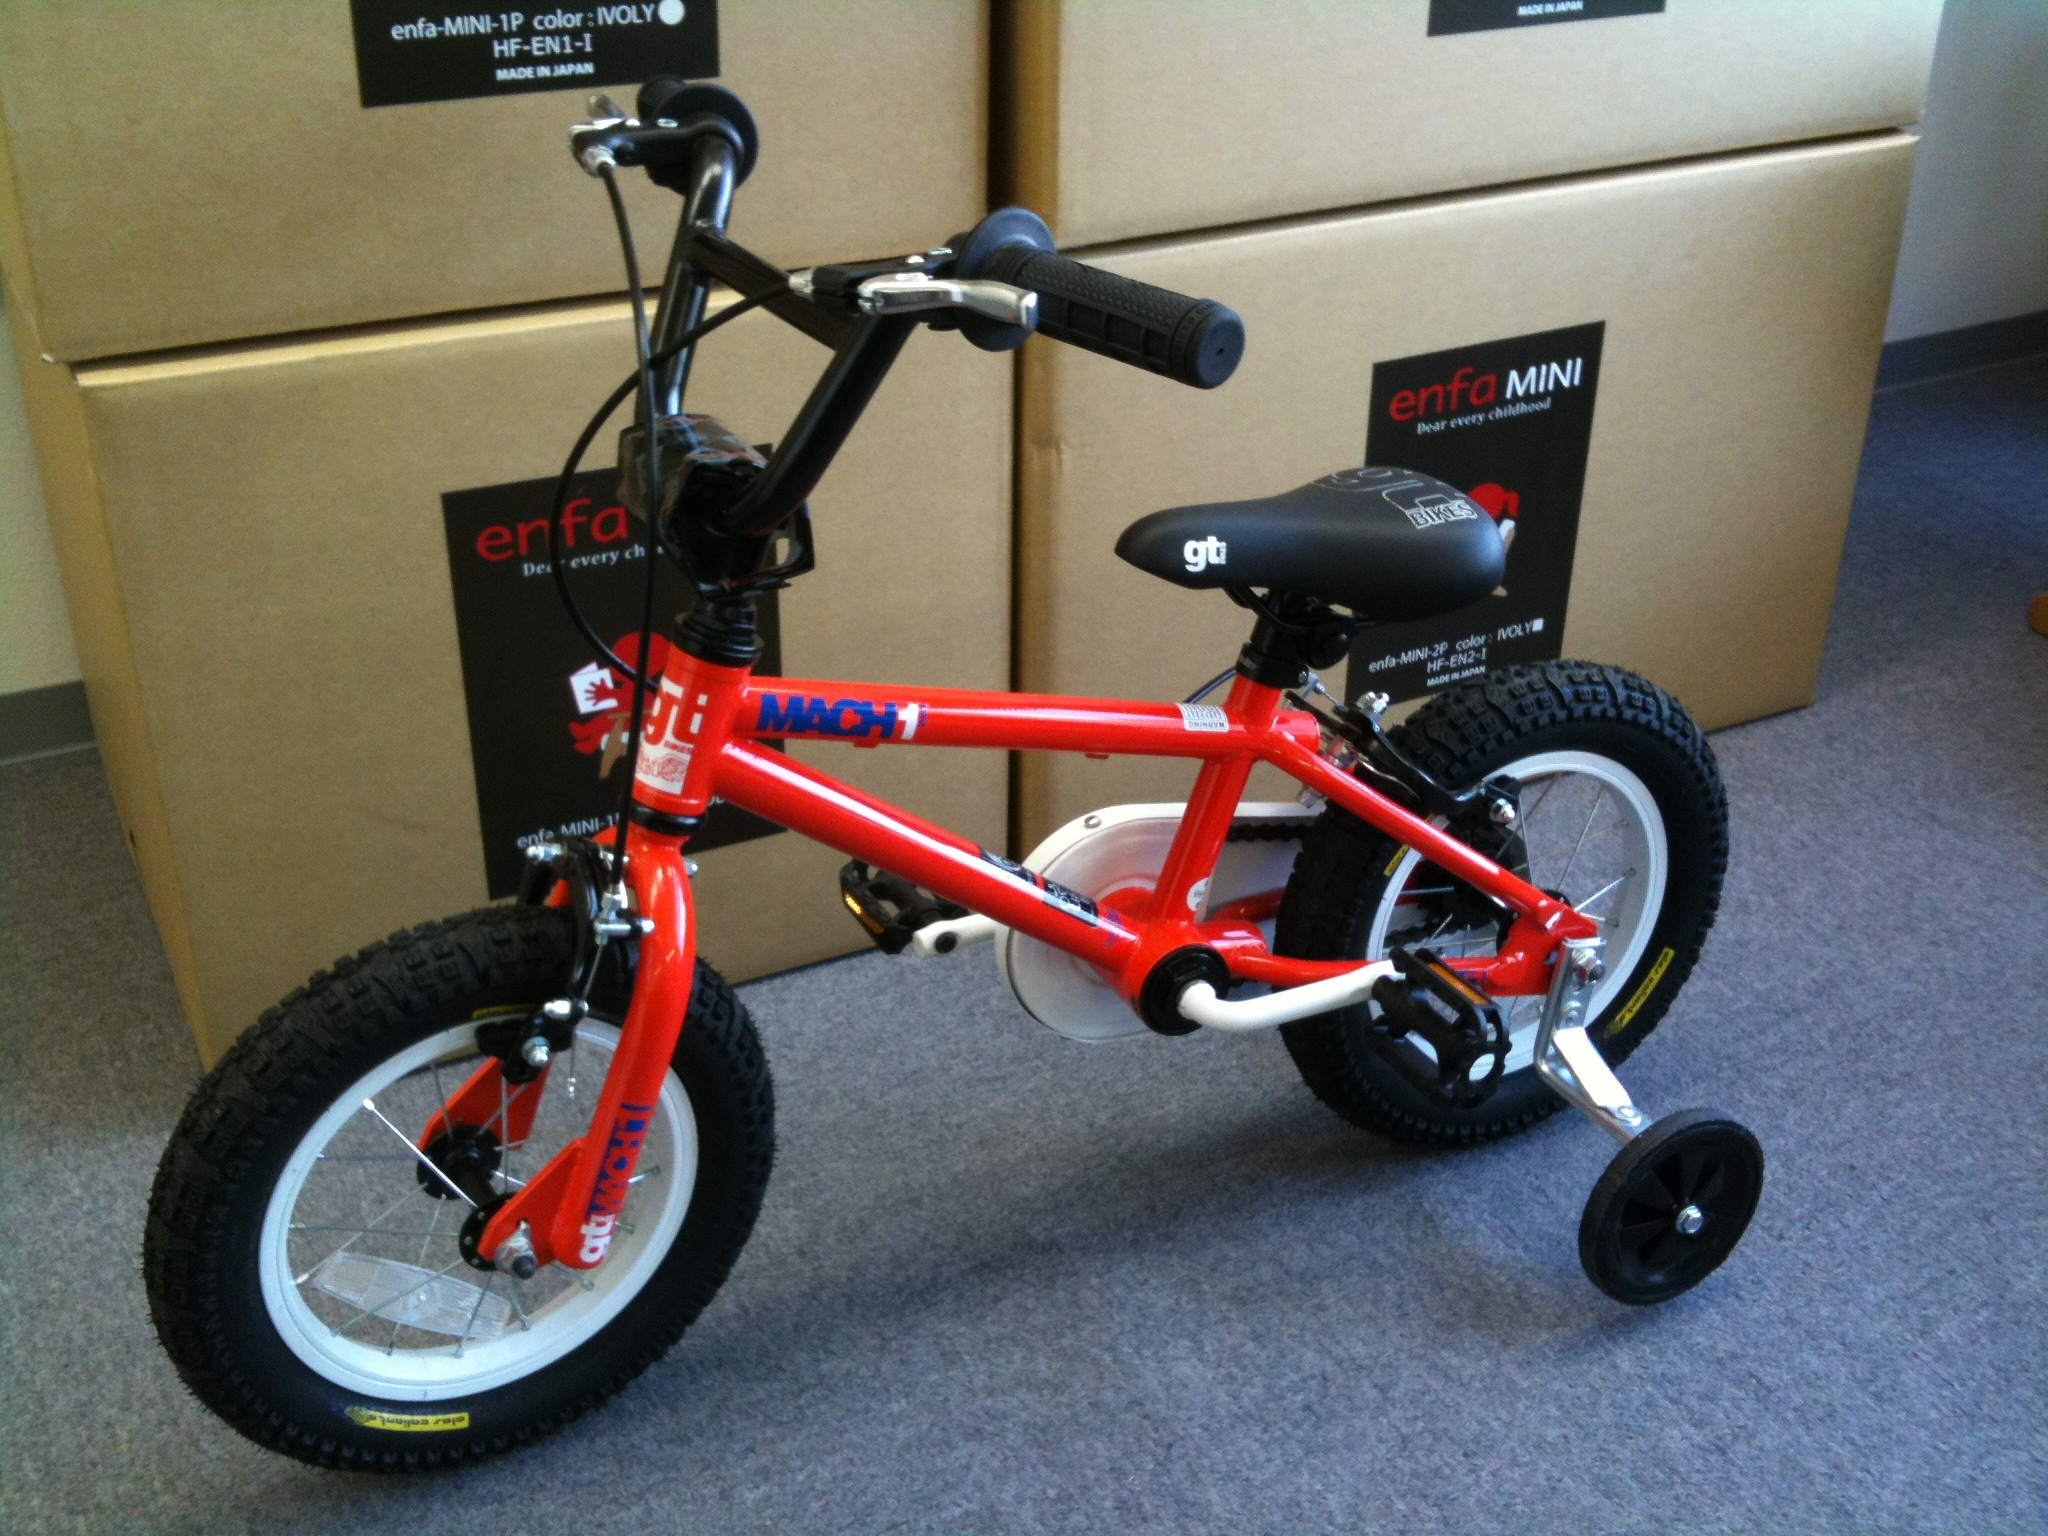 自転車の 子供 自転車 中古 14インチ : 子供自転車画像